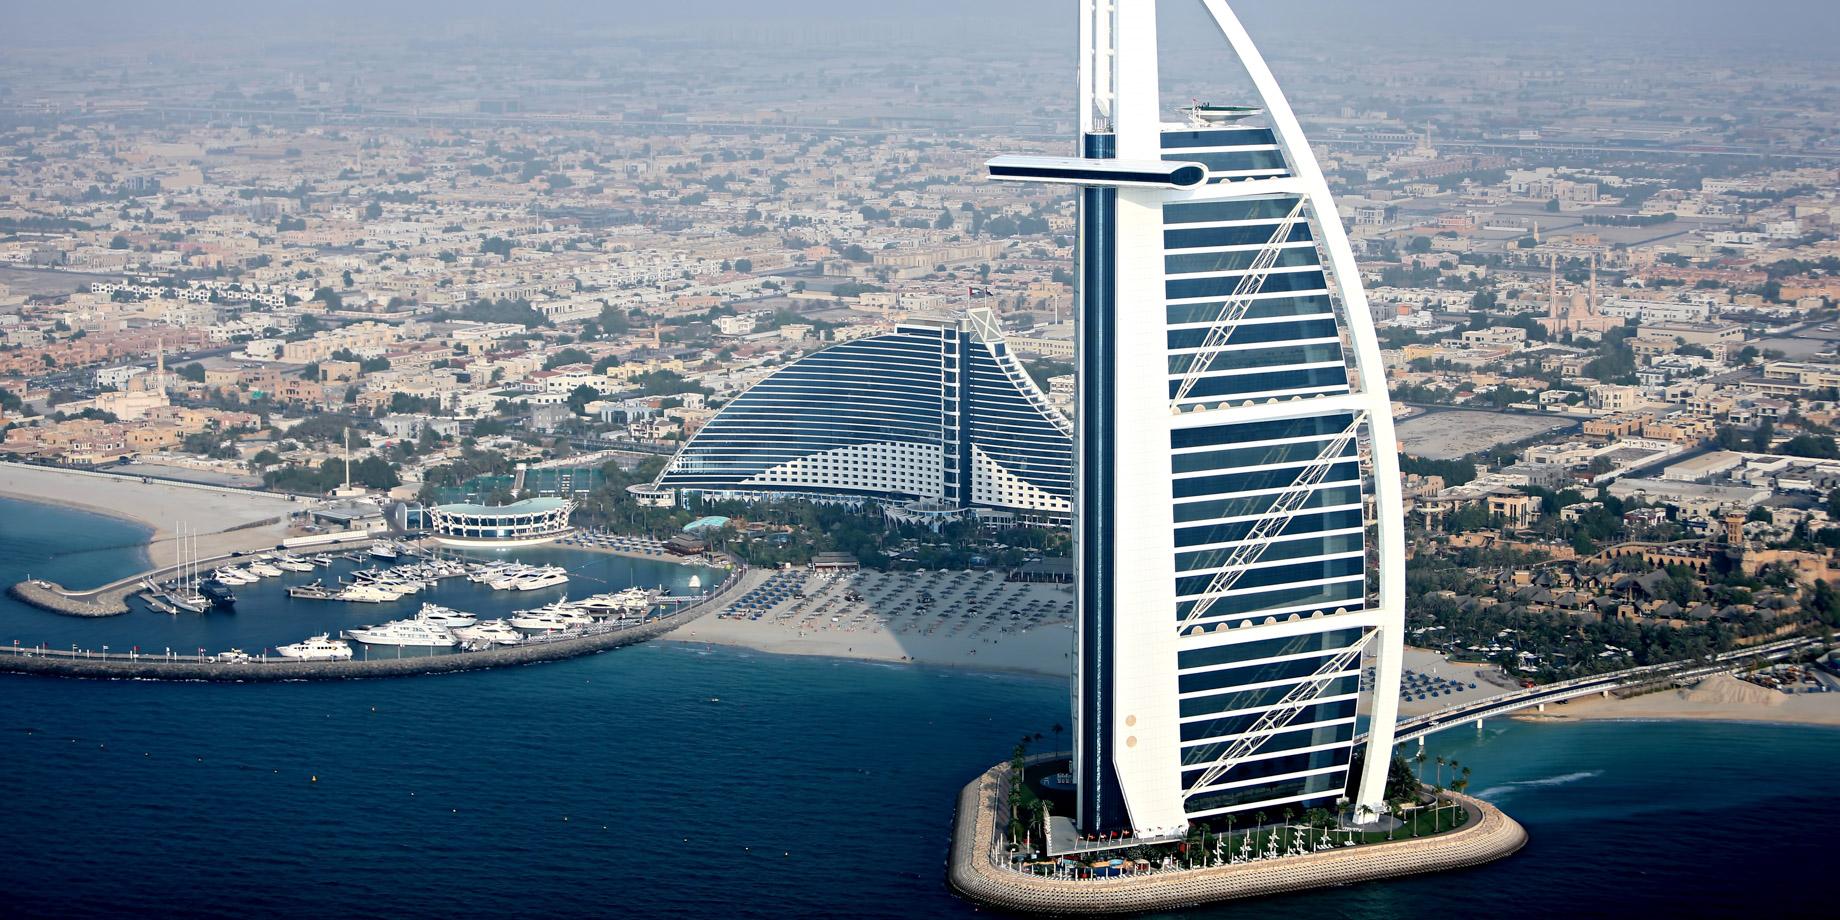 Umm Suqeim - Dubai, United Arab Emirates